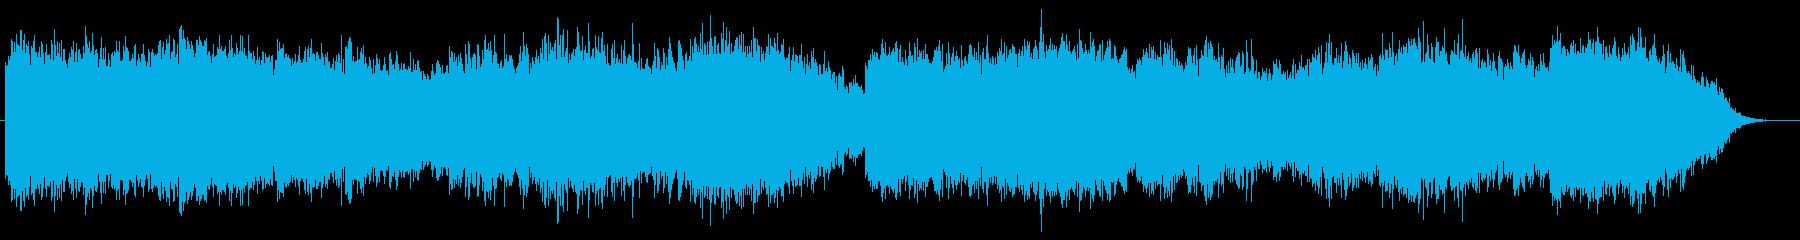 ベルの音が印象的なホラーBGMの再生済みの波形